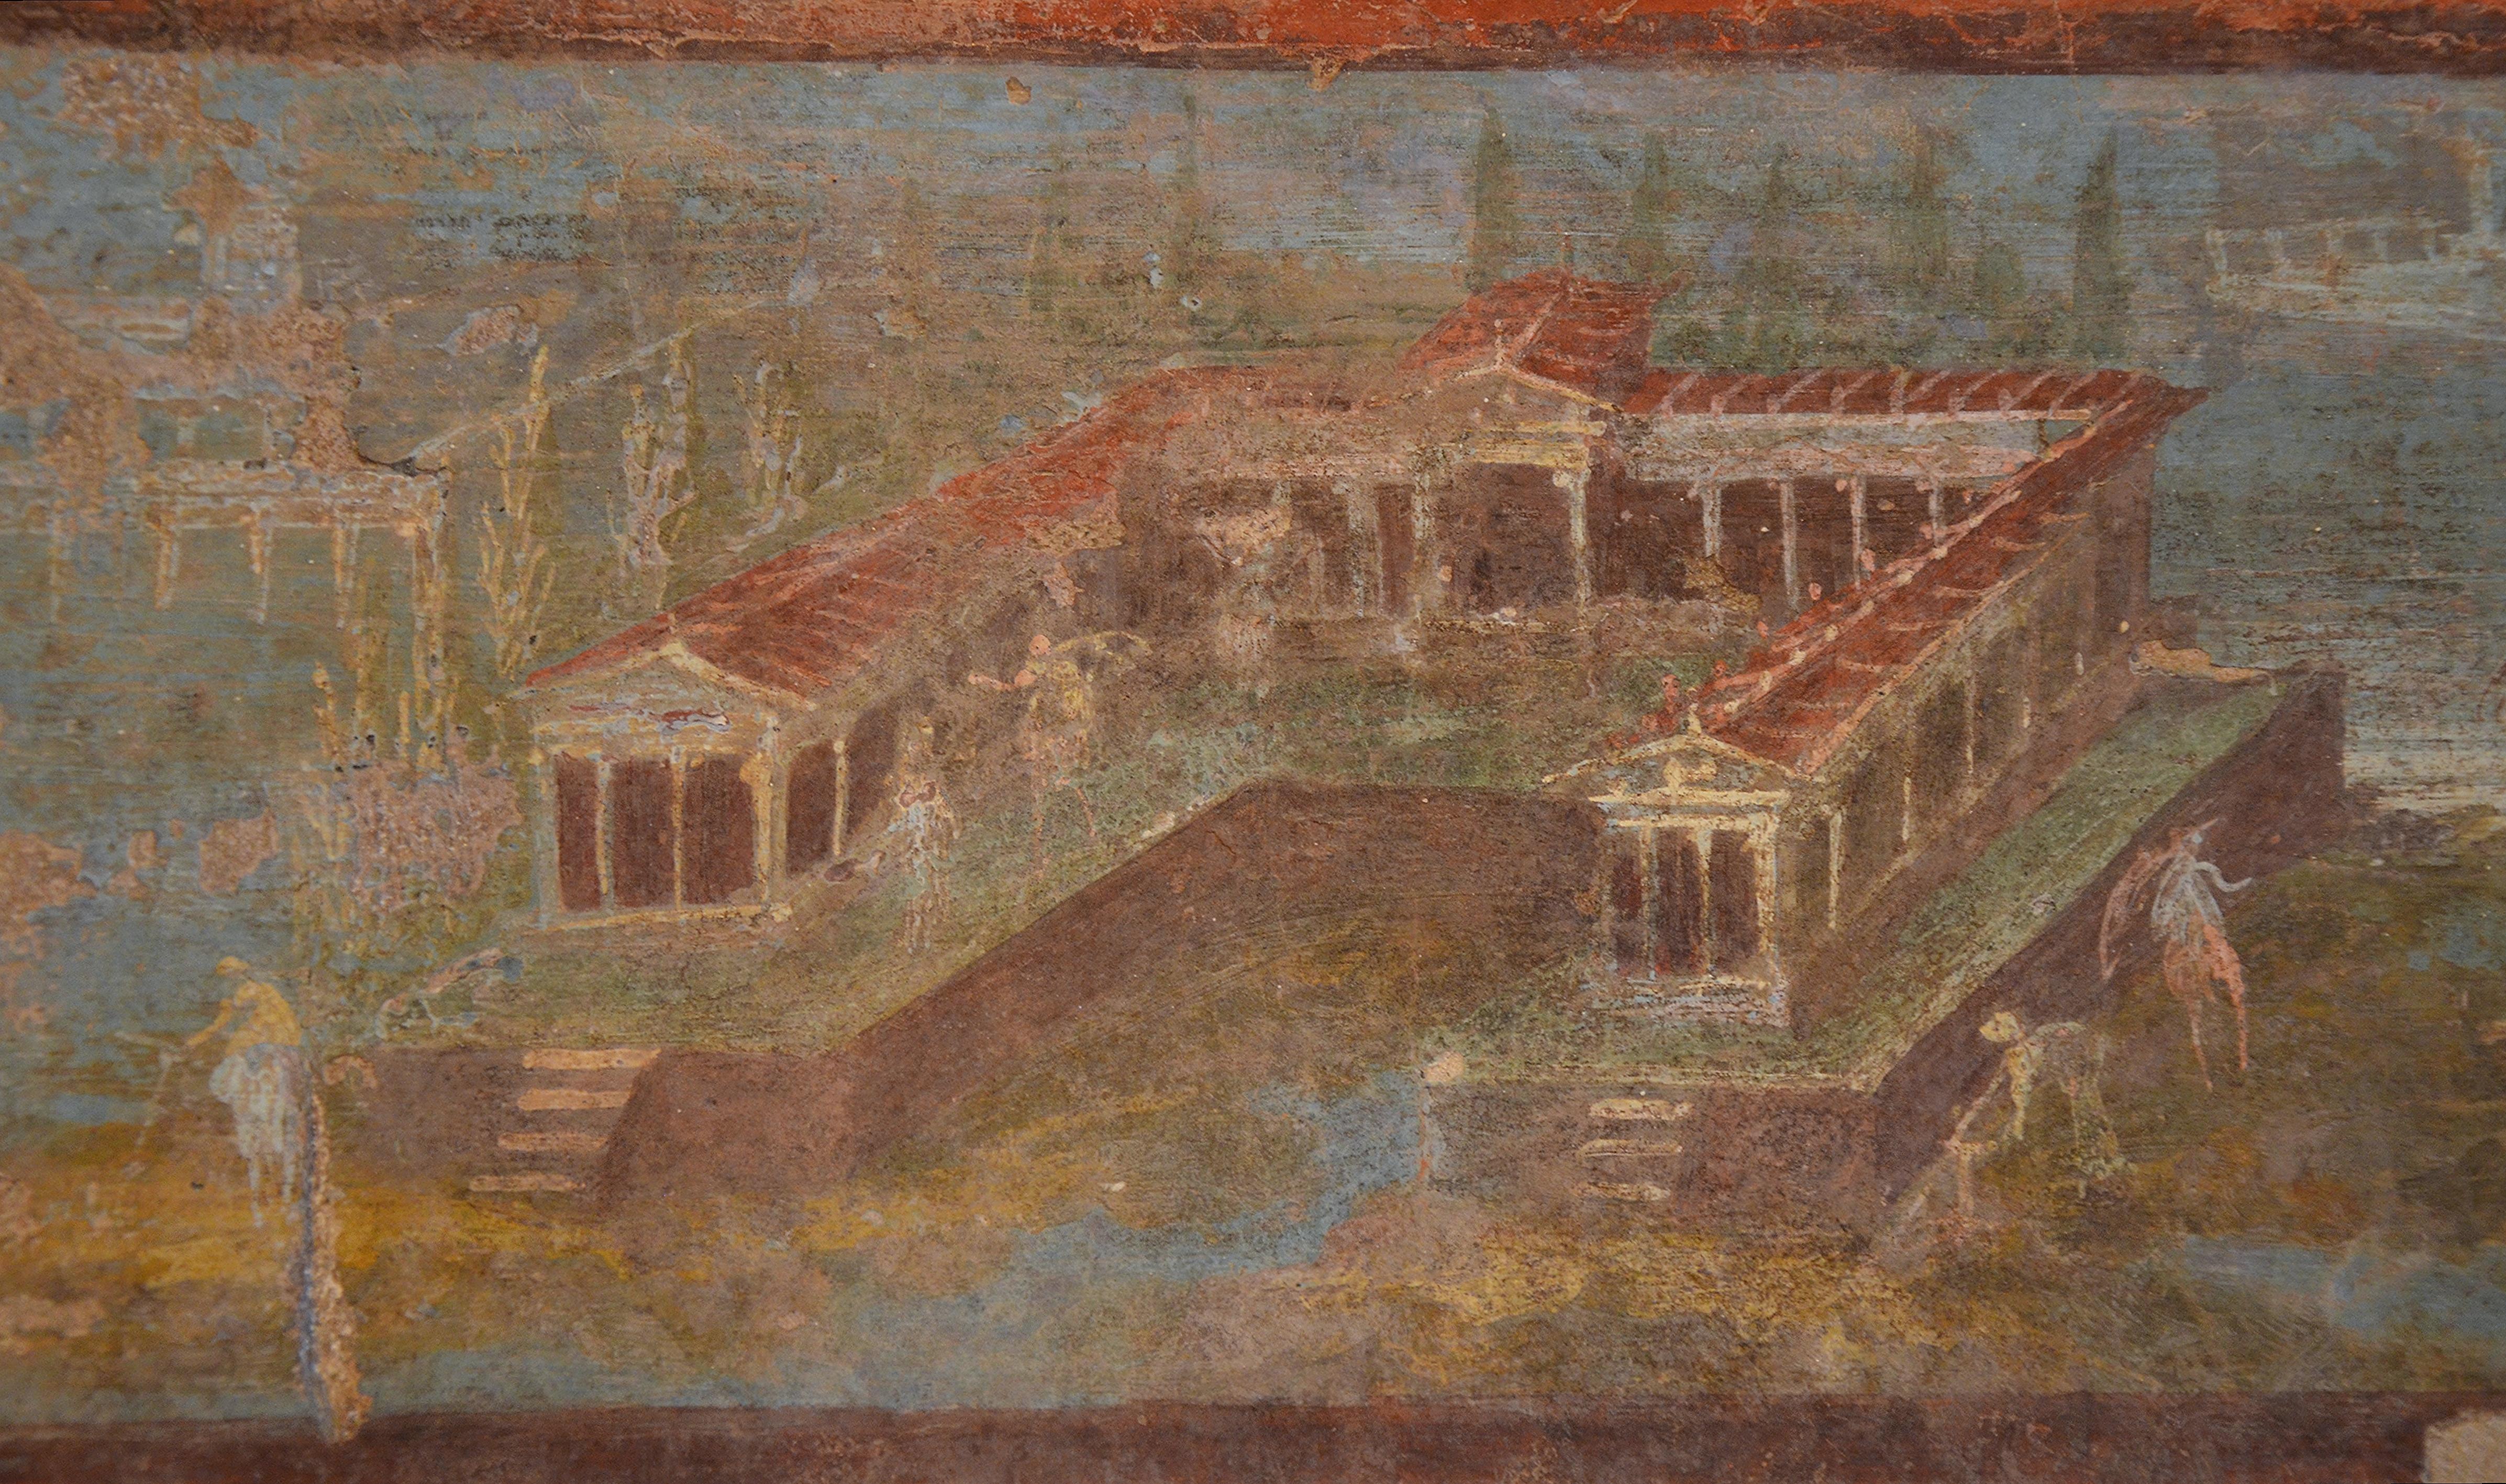 Roman Wall Painting Cherub Shoemakers